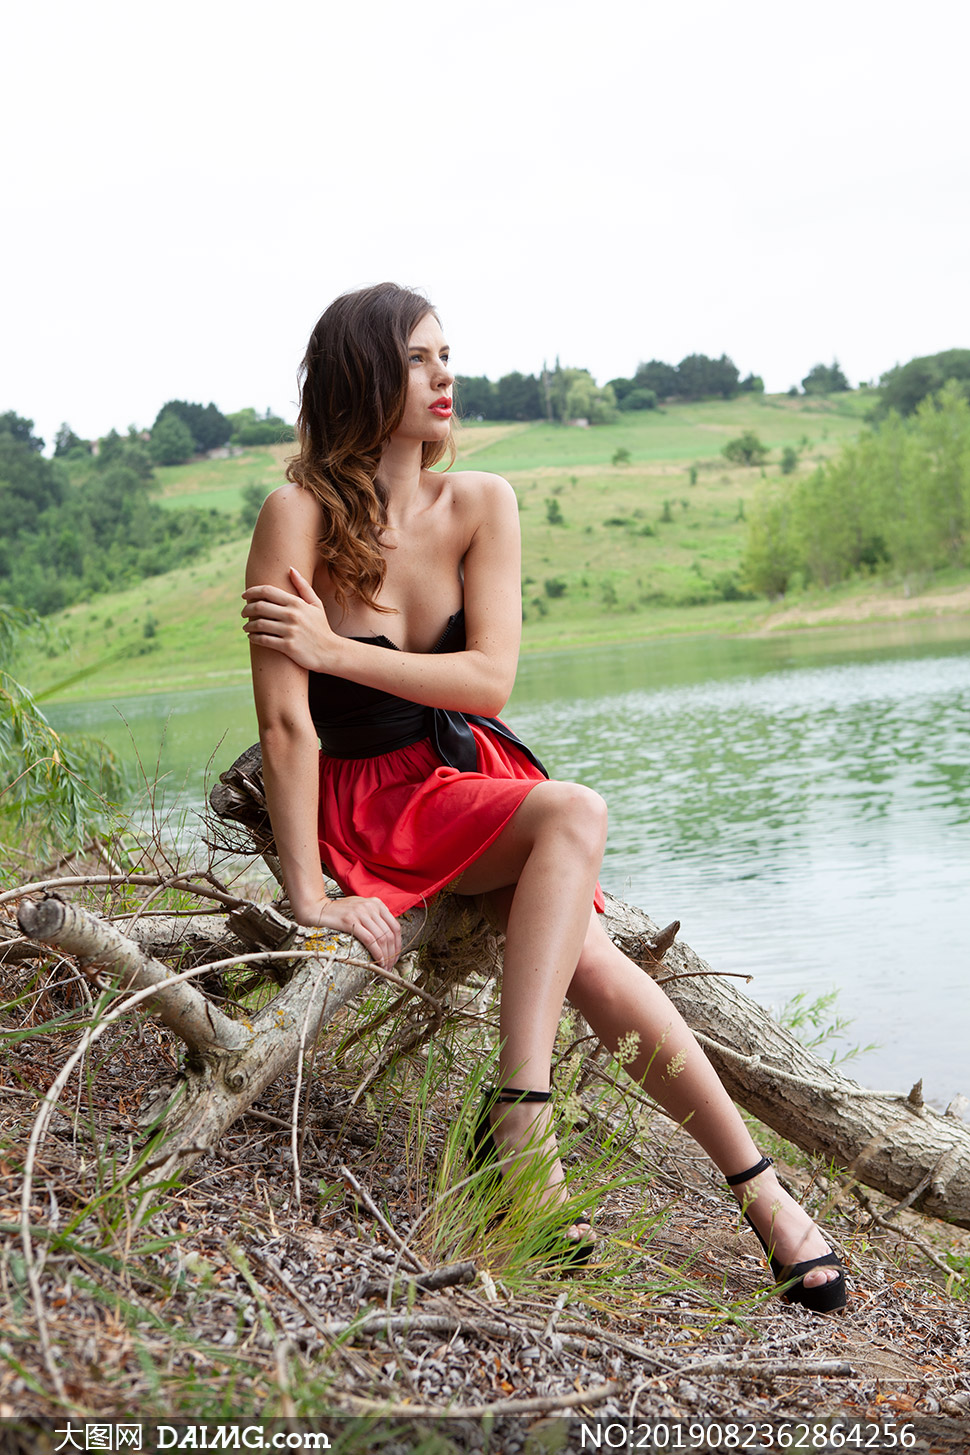 披肩发抹胸裙美女模特摄影高清原片